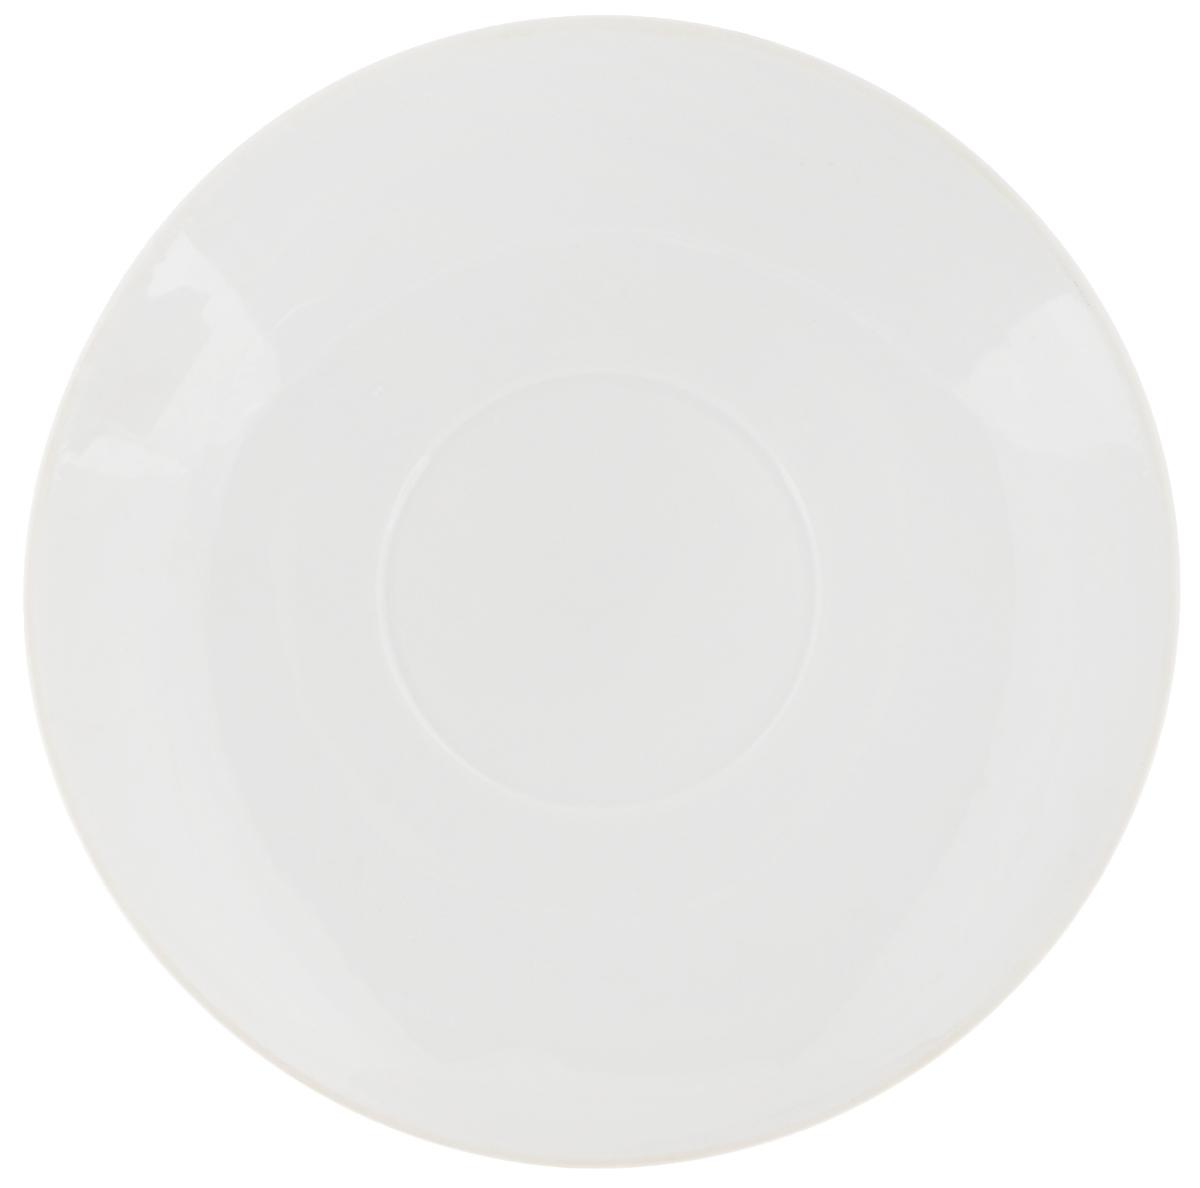 Блюдце Фарфор Вербилок, цвет: белый, диаметр 11 см54 009312Блюдце Фарфор Вербилок, изготовленная из высококачественного фарфора, имеет классическую круглую форму. Оригинальный дизайн придется по вкусу и ценителям классики, и тем, кто предпочитает утонченность. Блюдце Фарфор Вербилок идеально подойдет для сервировки стола и станет отличным подарком к любому празднику.